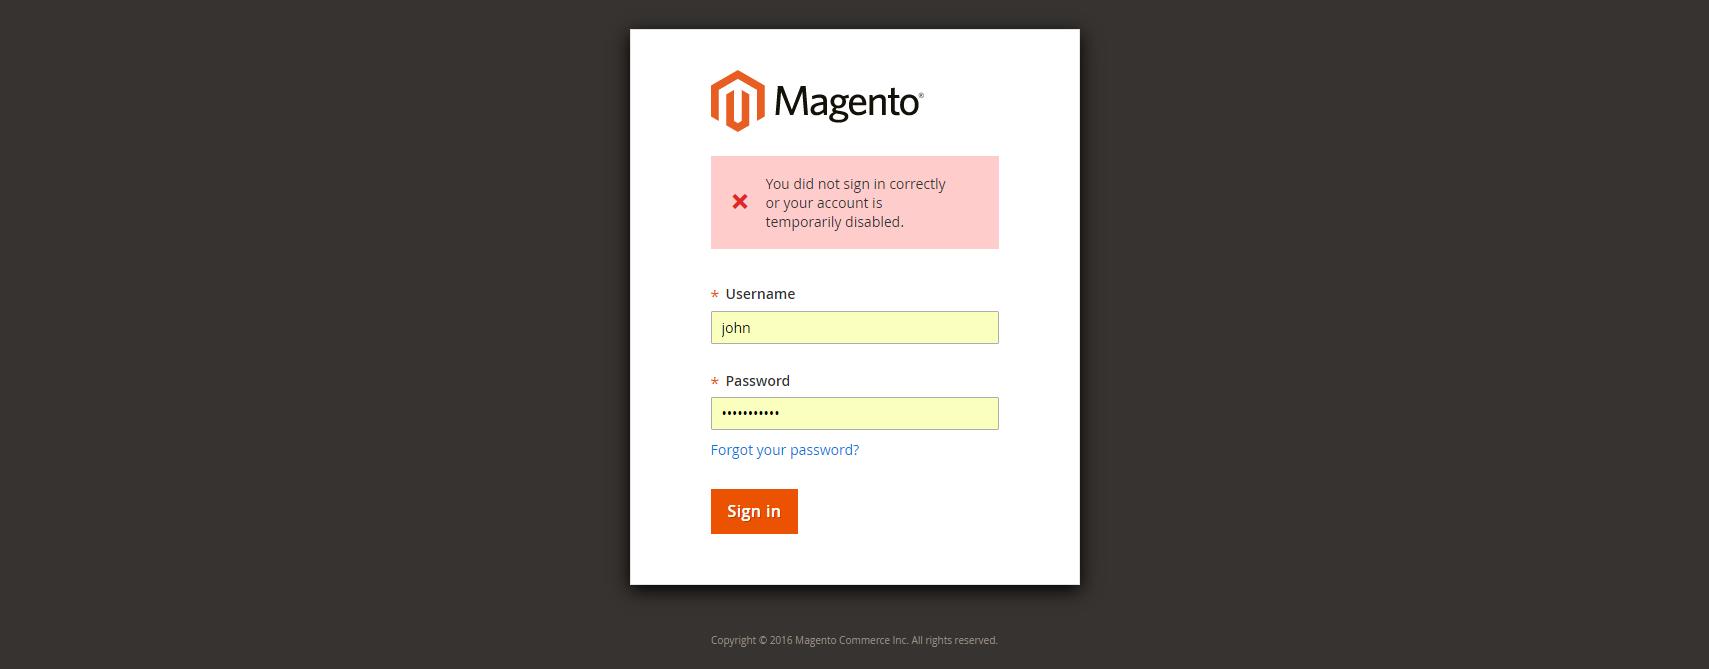 فتح حساب مستخدم مغلق (Unlock user account) فى متجر ماجنتو 2